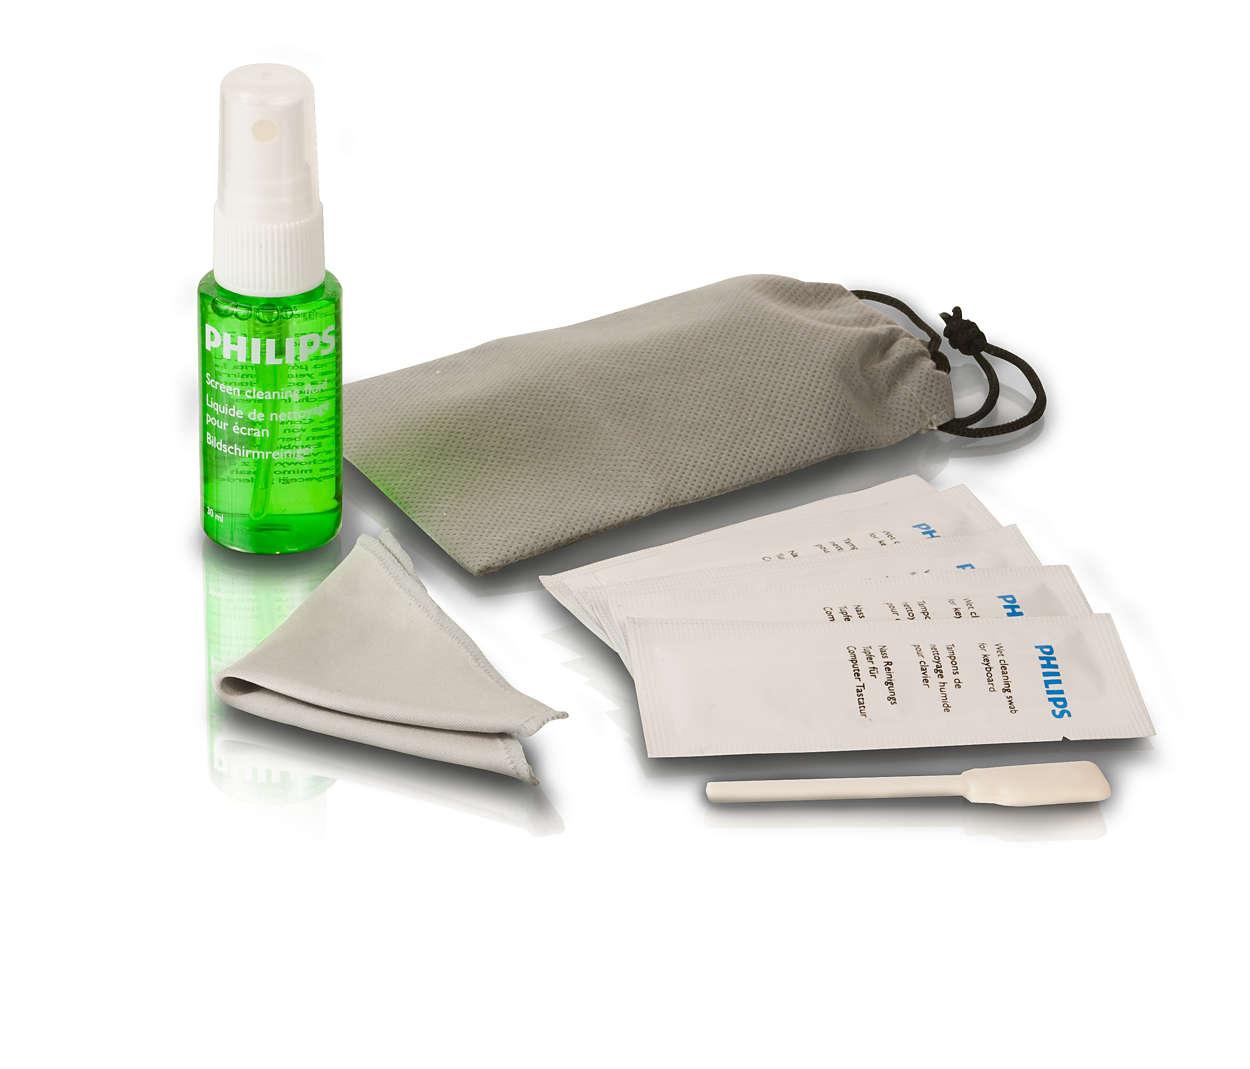 Limpa com segurança telas de laptops e dispositivos móveis